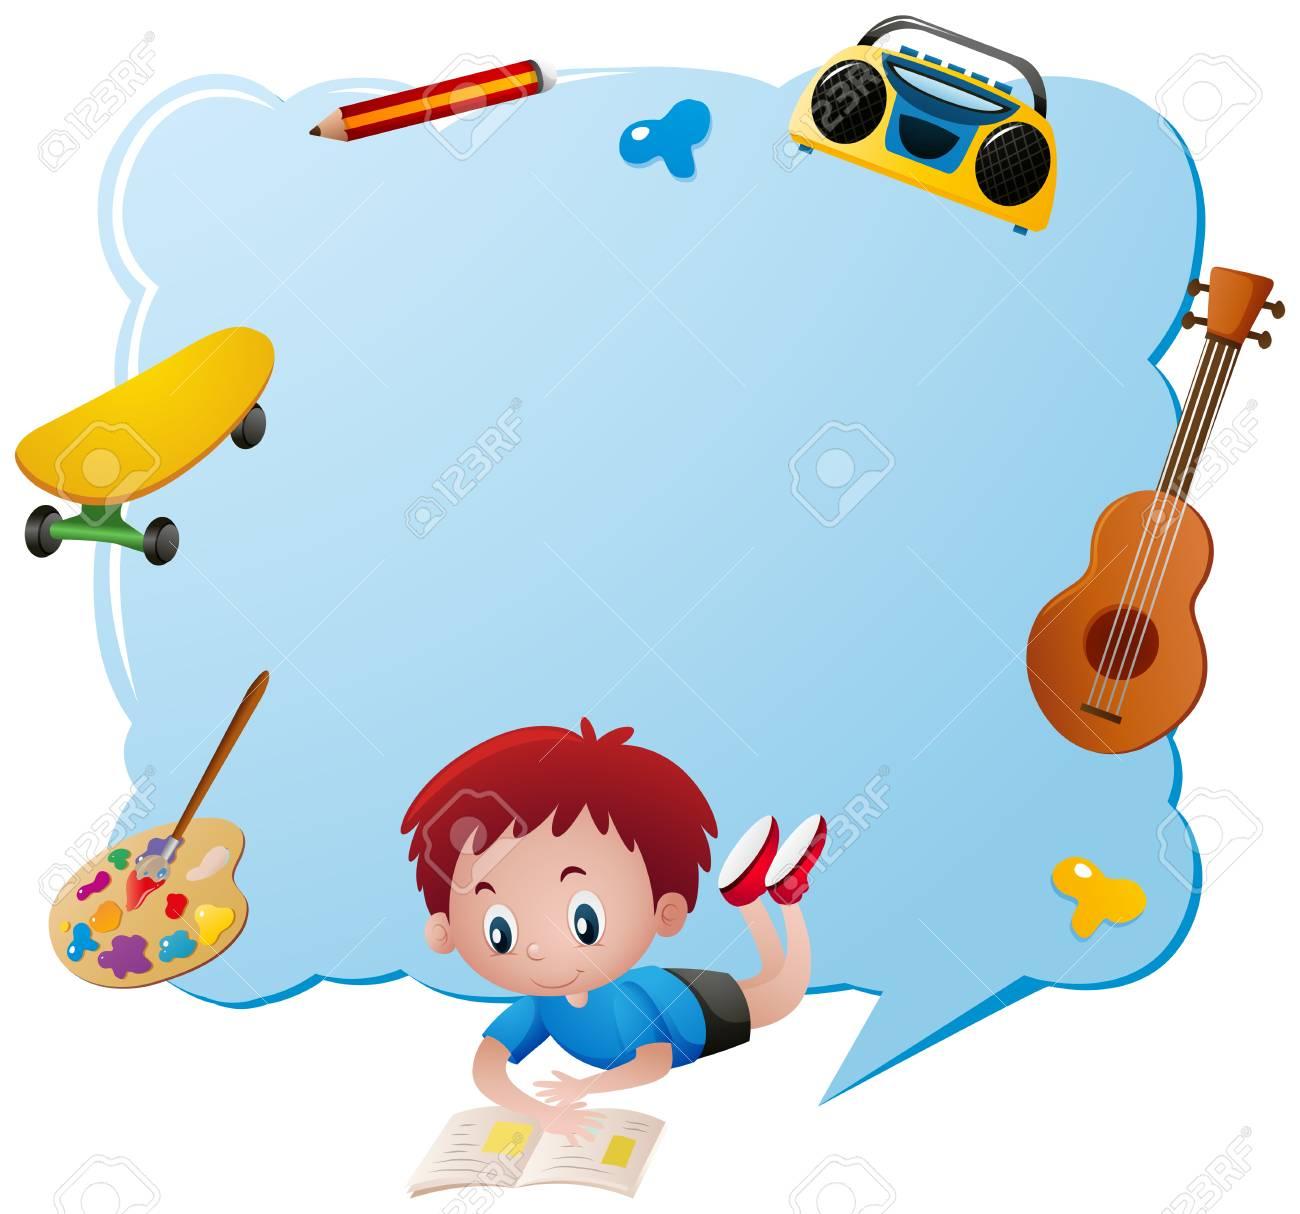 Plantilla De Borde Con Ilustración De Objetos De Niño Y Escuela ...